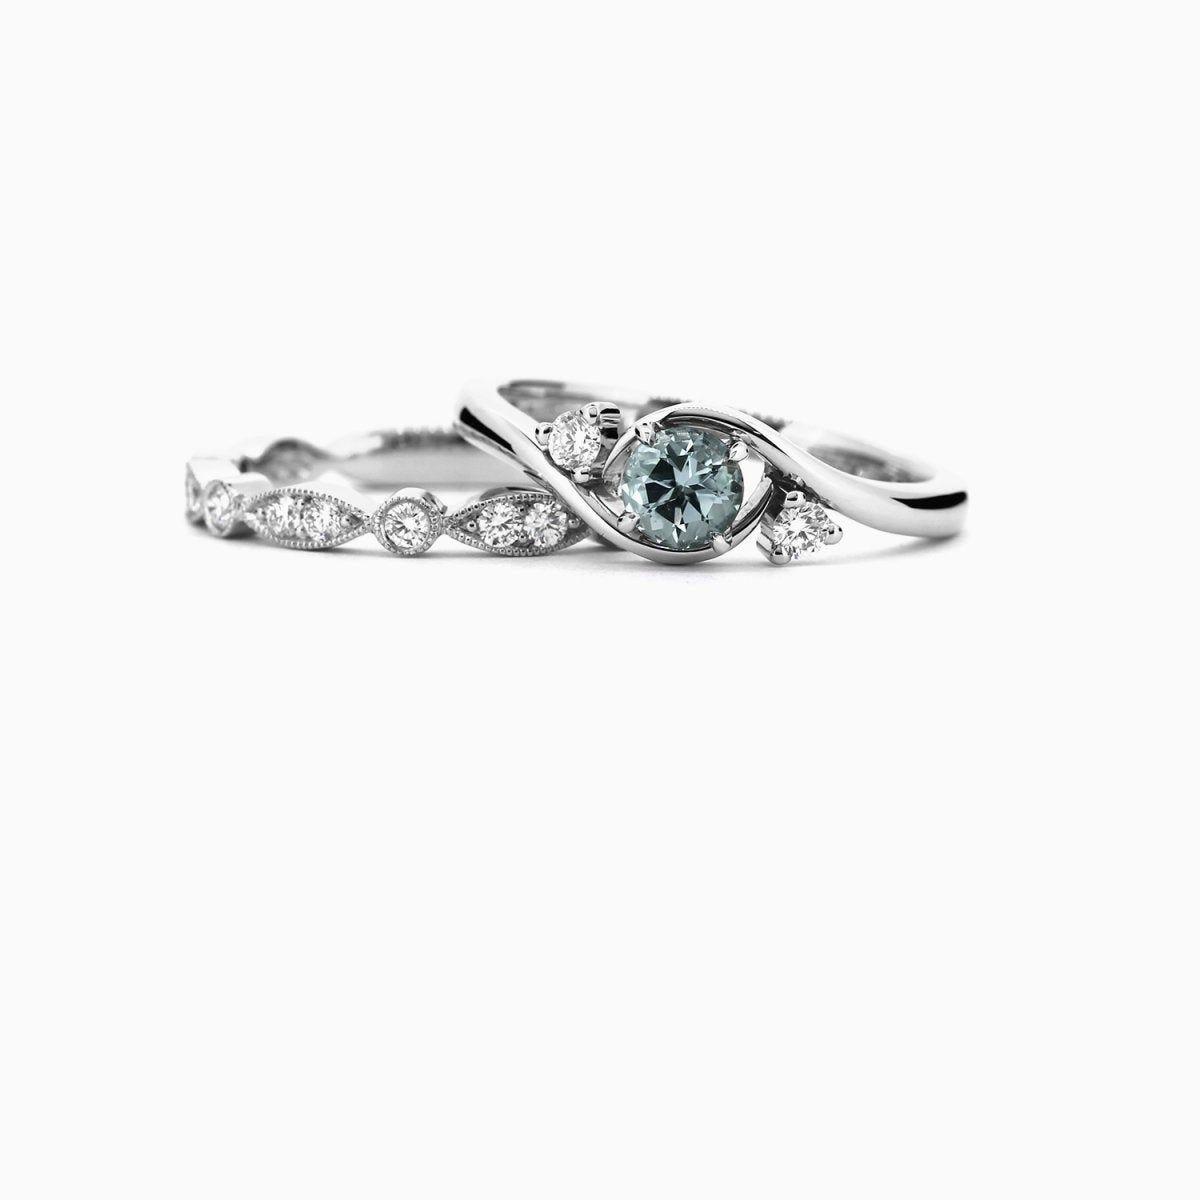 Aquamarine Vintage Solitaire Engagement Ring Diamond Ring Etsy Sapphire Engagement Ring Set Tourmaline Engagement Ring Pink Sapphire Ring Engagement